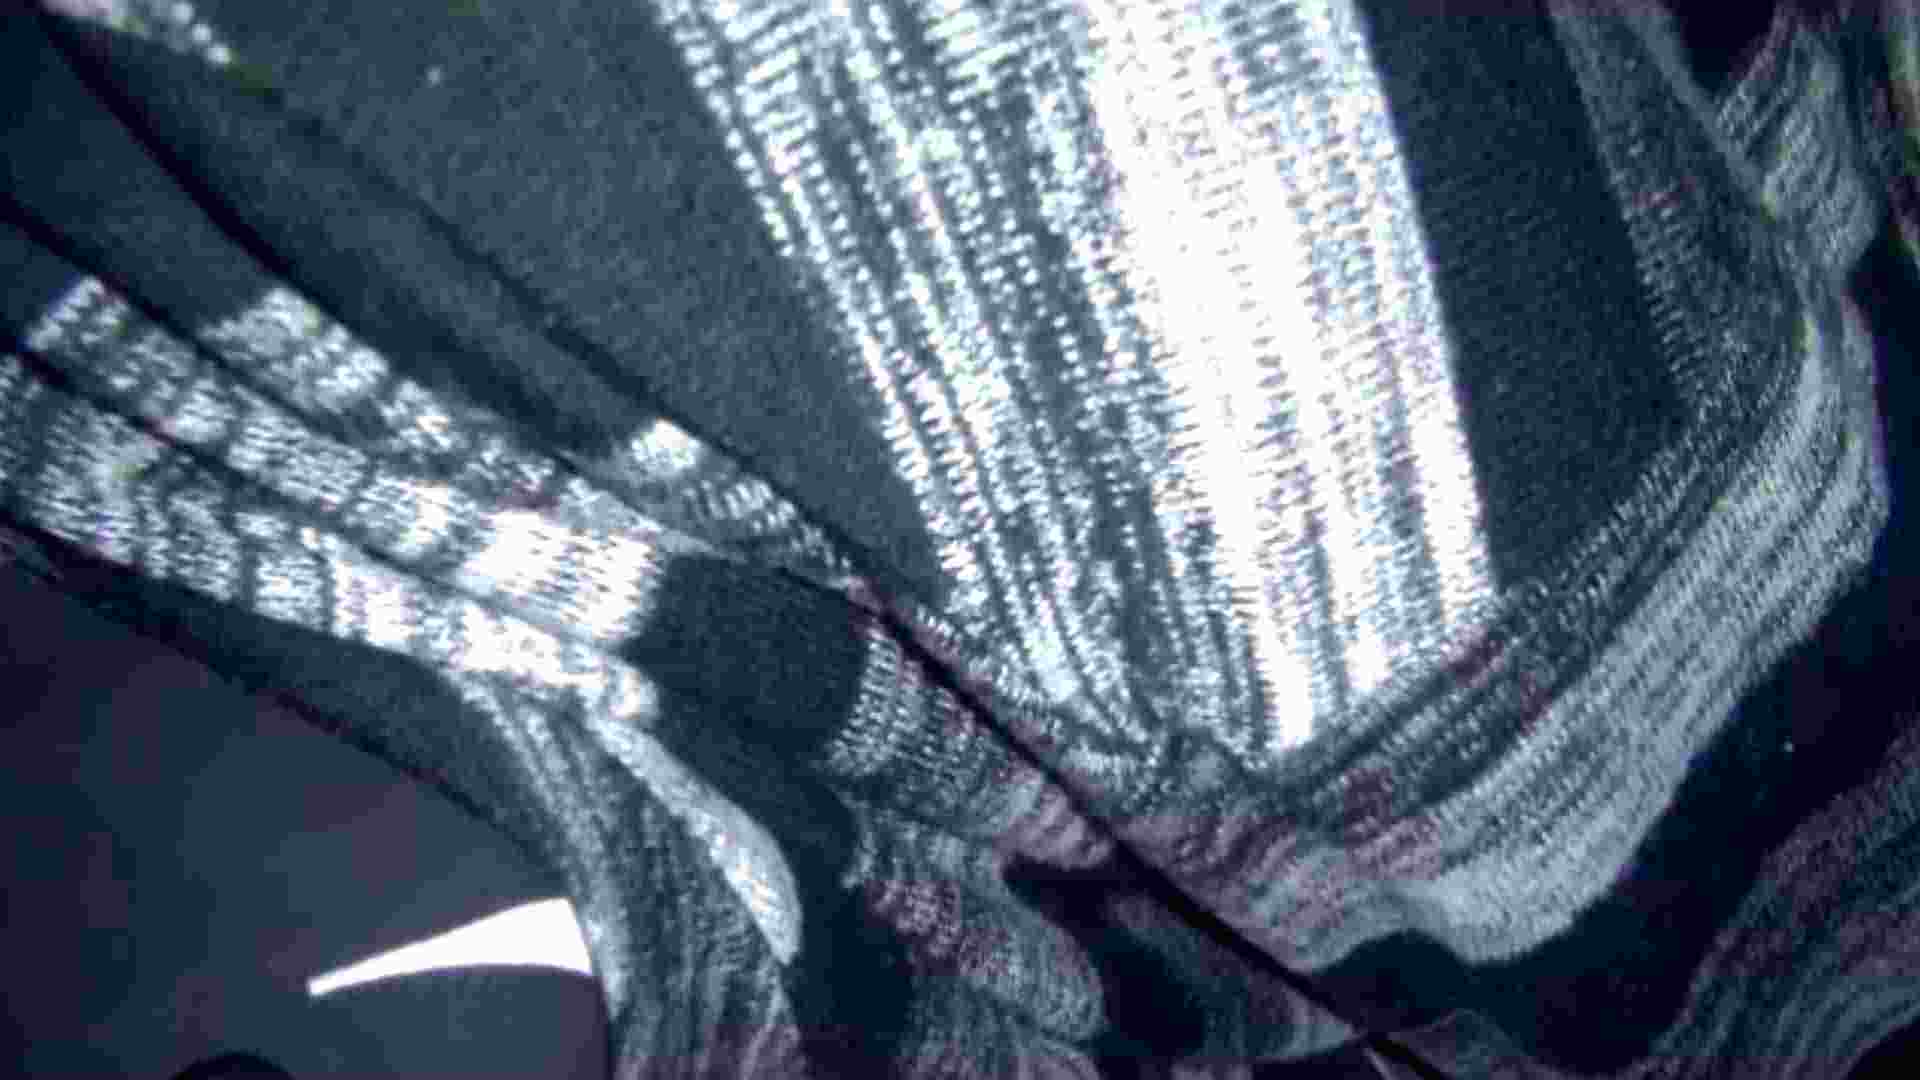 魔術師の お・も・て・な・し vol.34 直なおねーちゃんに悪魔の洗礼 美女OL   0  101連発 95